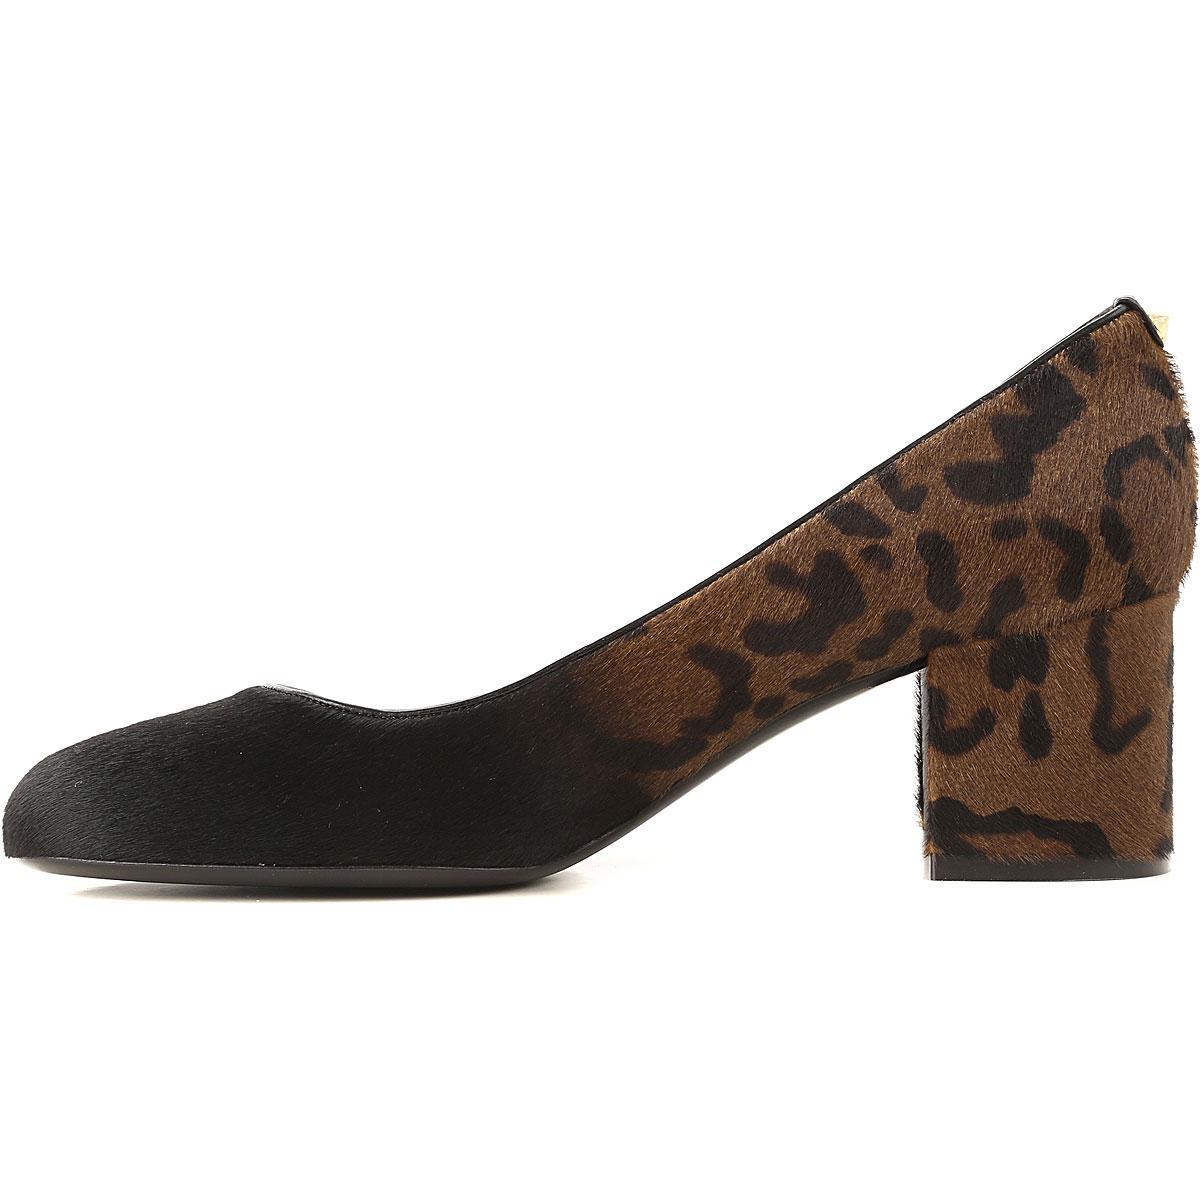 Zapatos de Tacón de Salón Baratos en Rebajas Outlet Ferragamo de color Negro